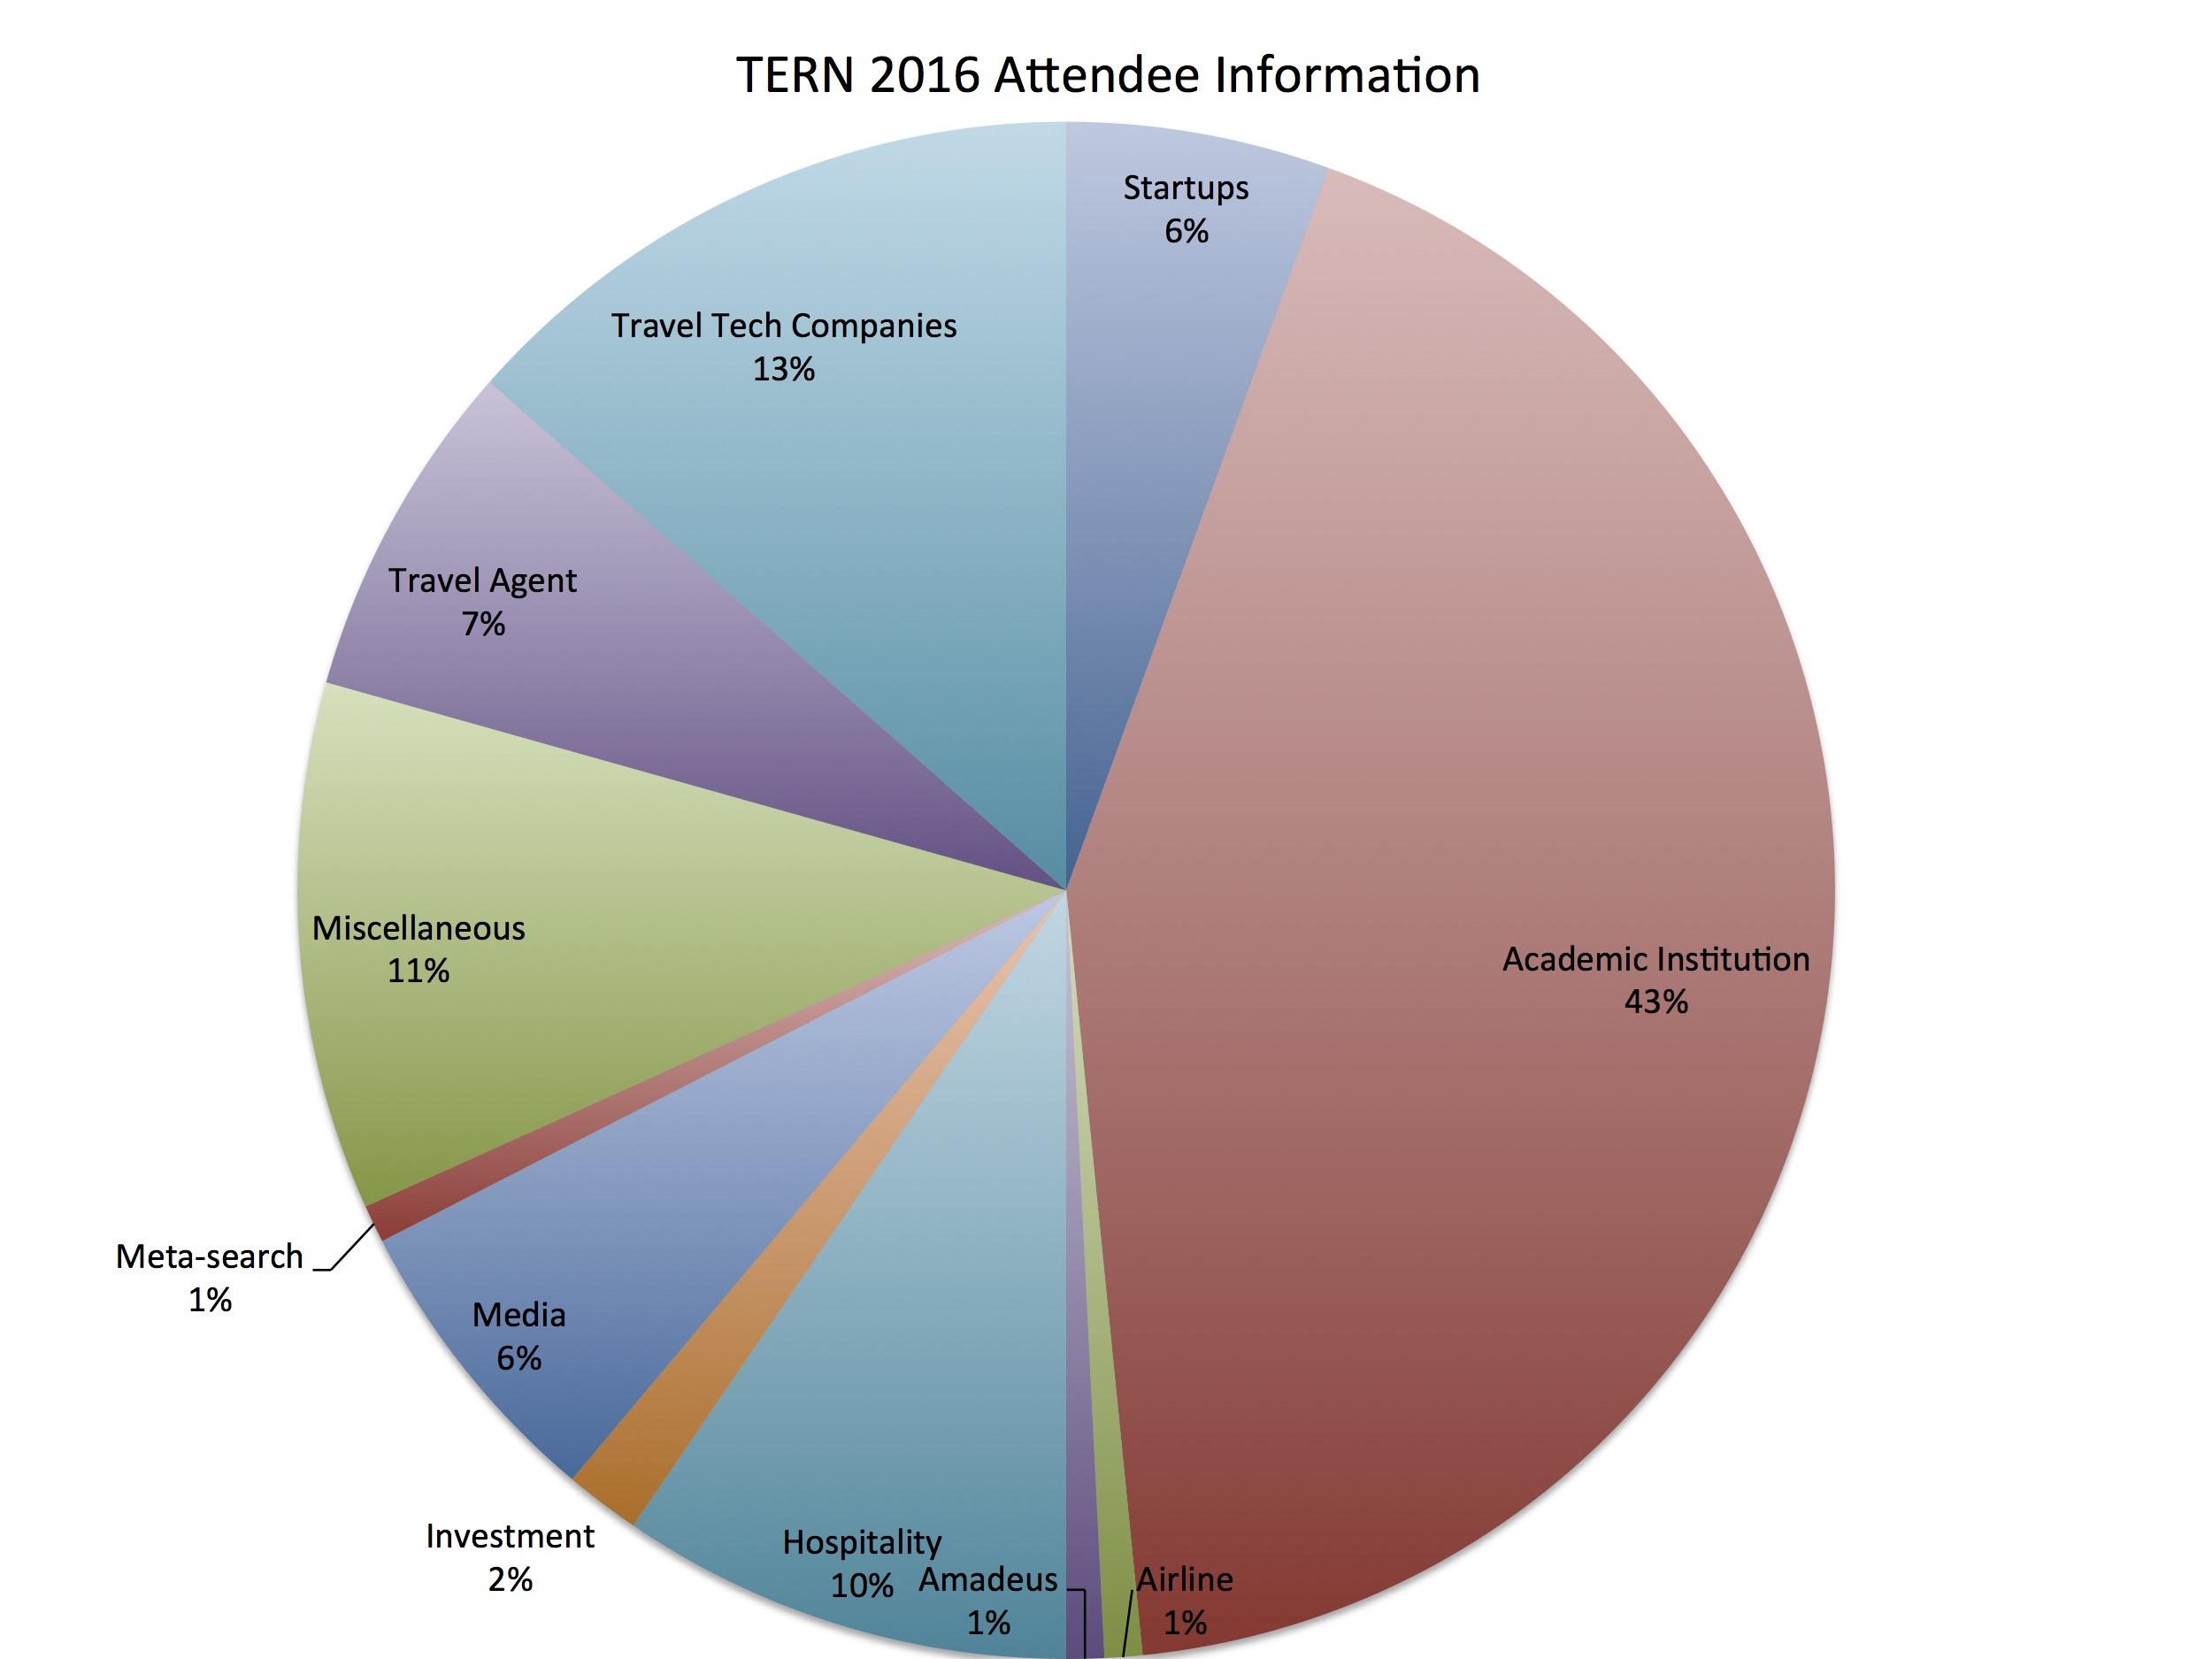 Attendee Information | Tern 2016